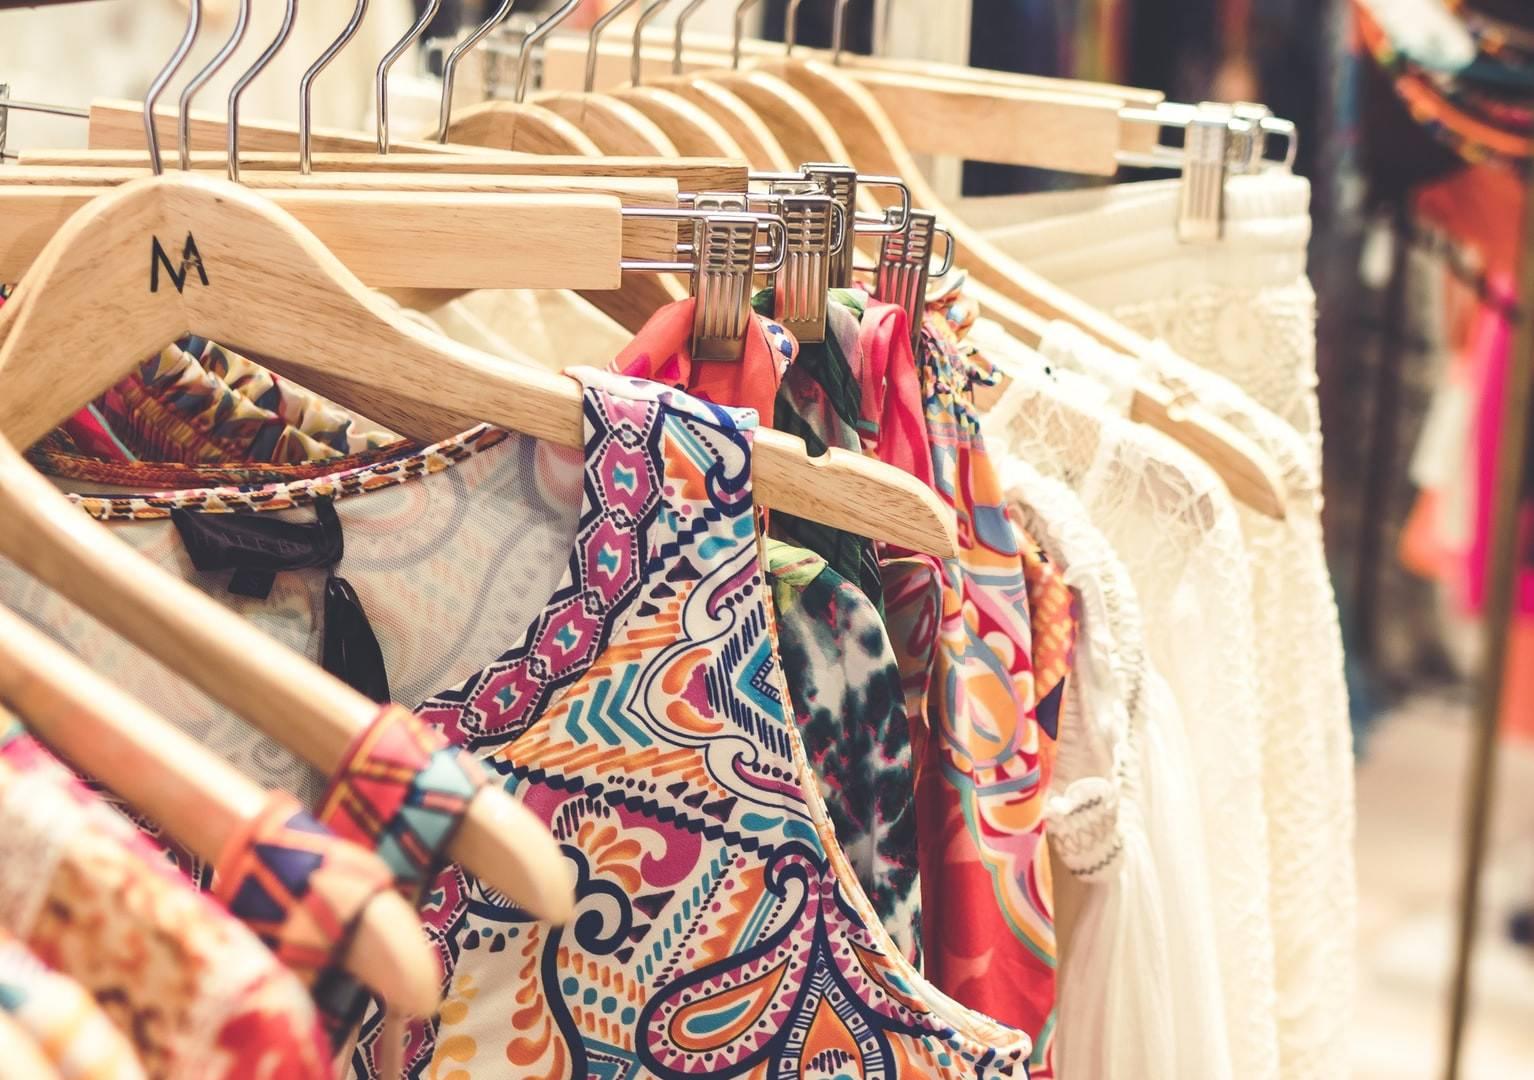 Tempat Reseller Jual Beli Online Baju Batik